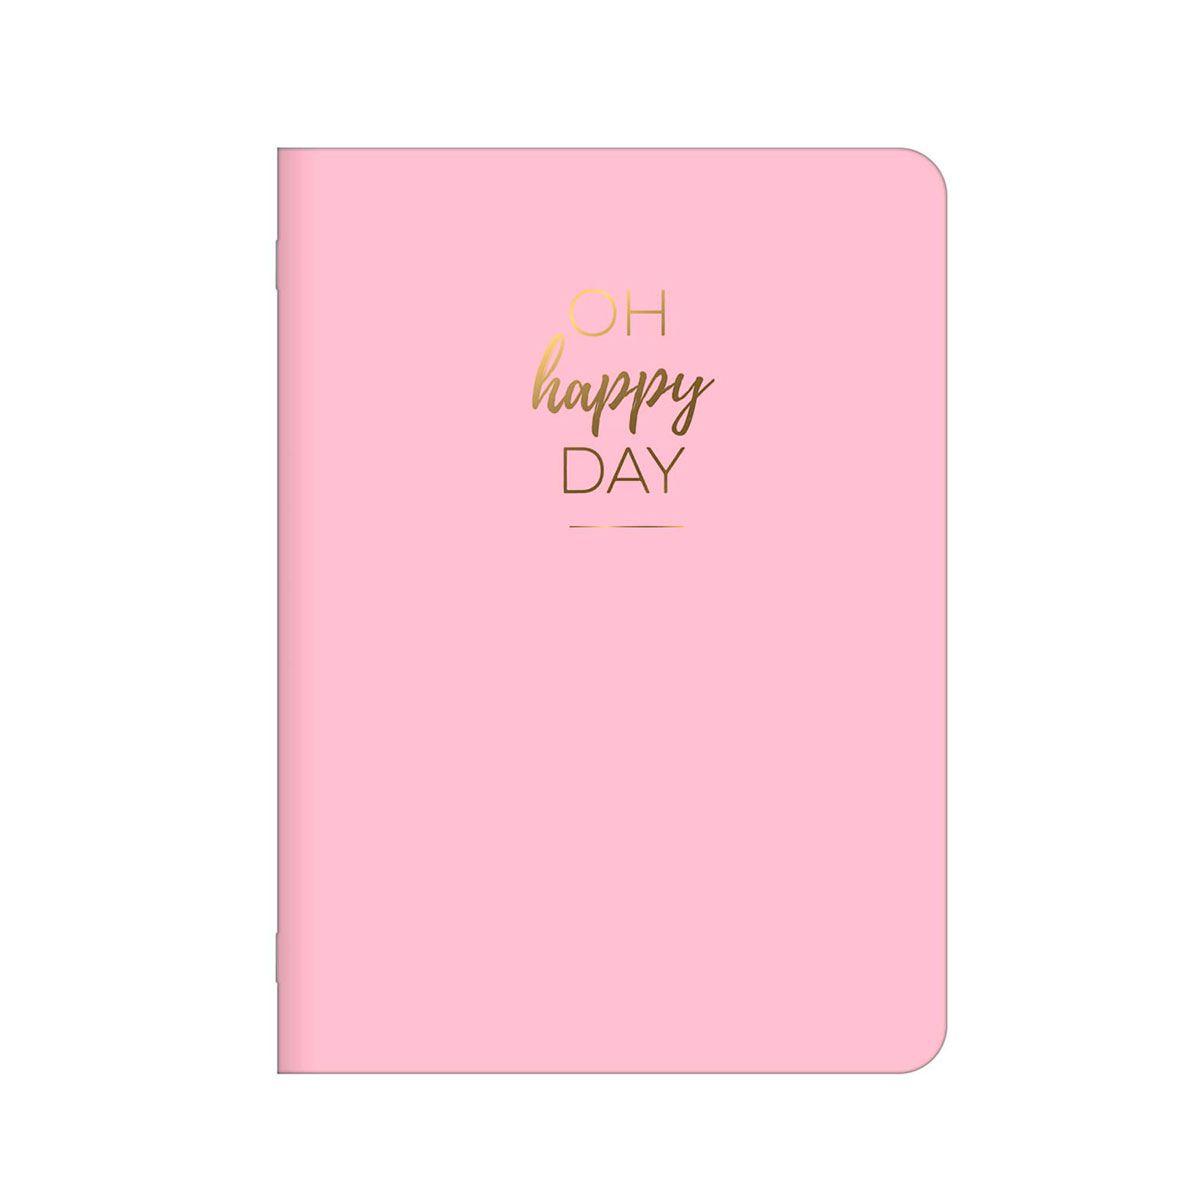 Caderneta Happy Pautada